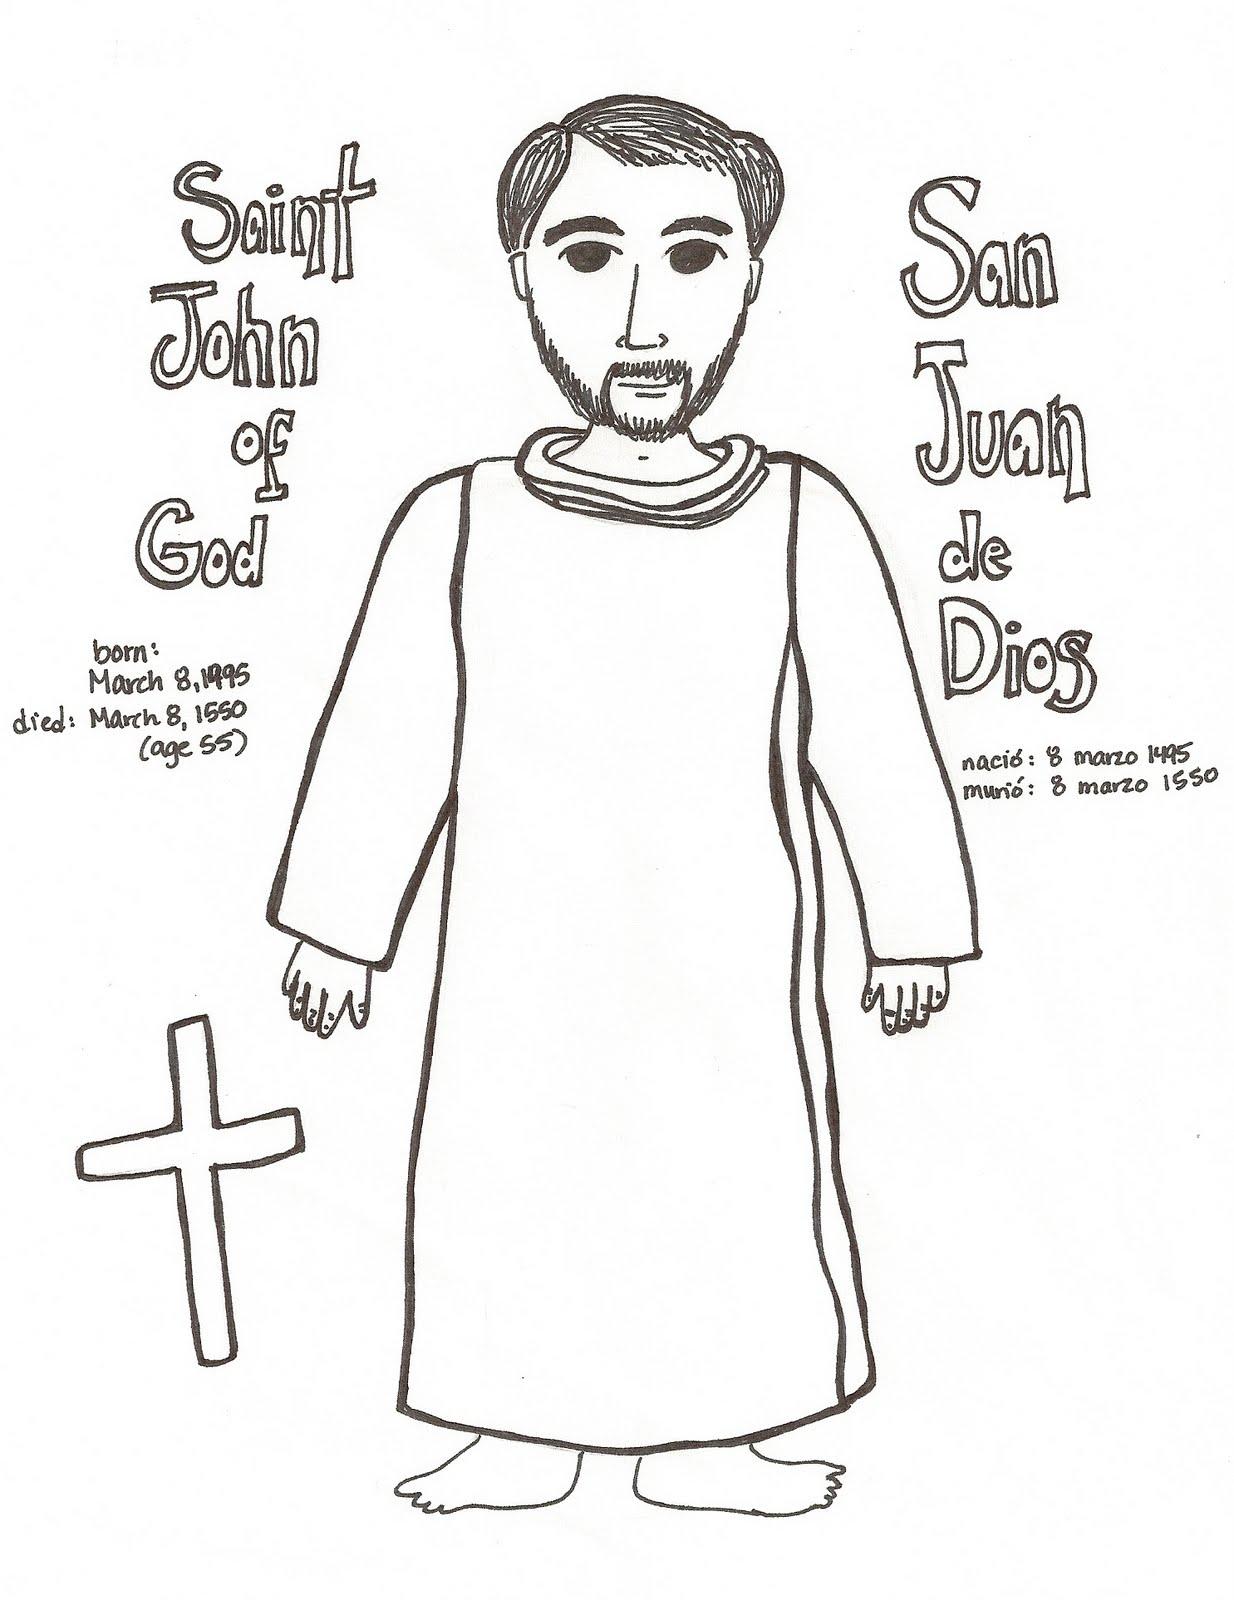 Paper Dali: Saint John of God / San Juan de Dios